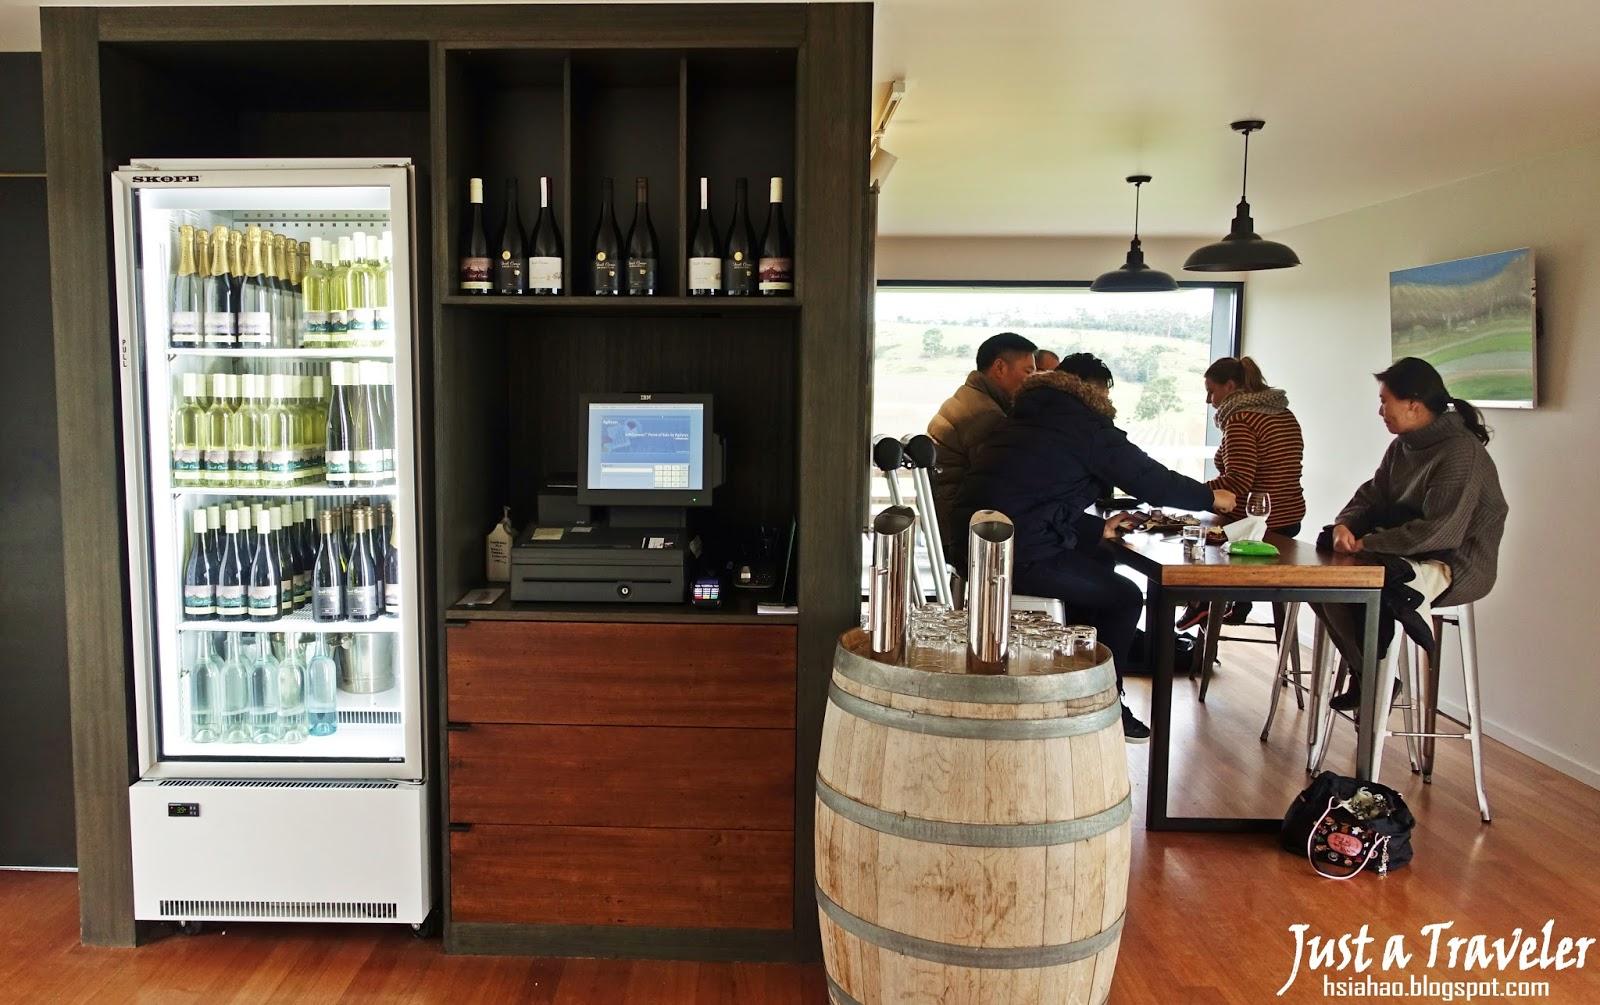 塔斯馬尼亞-景點-推薦-美食-旅遊-自由行-澳洲-Tasmania-Tourist-Attraction-Australia